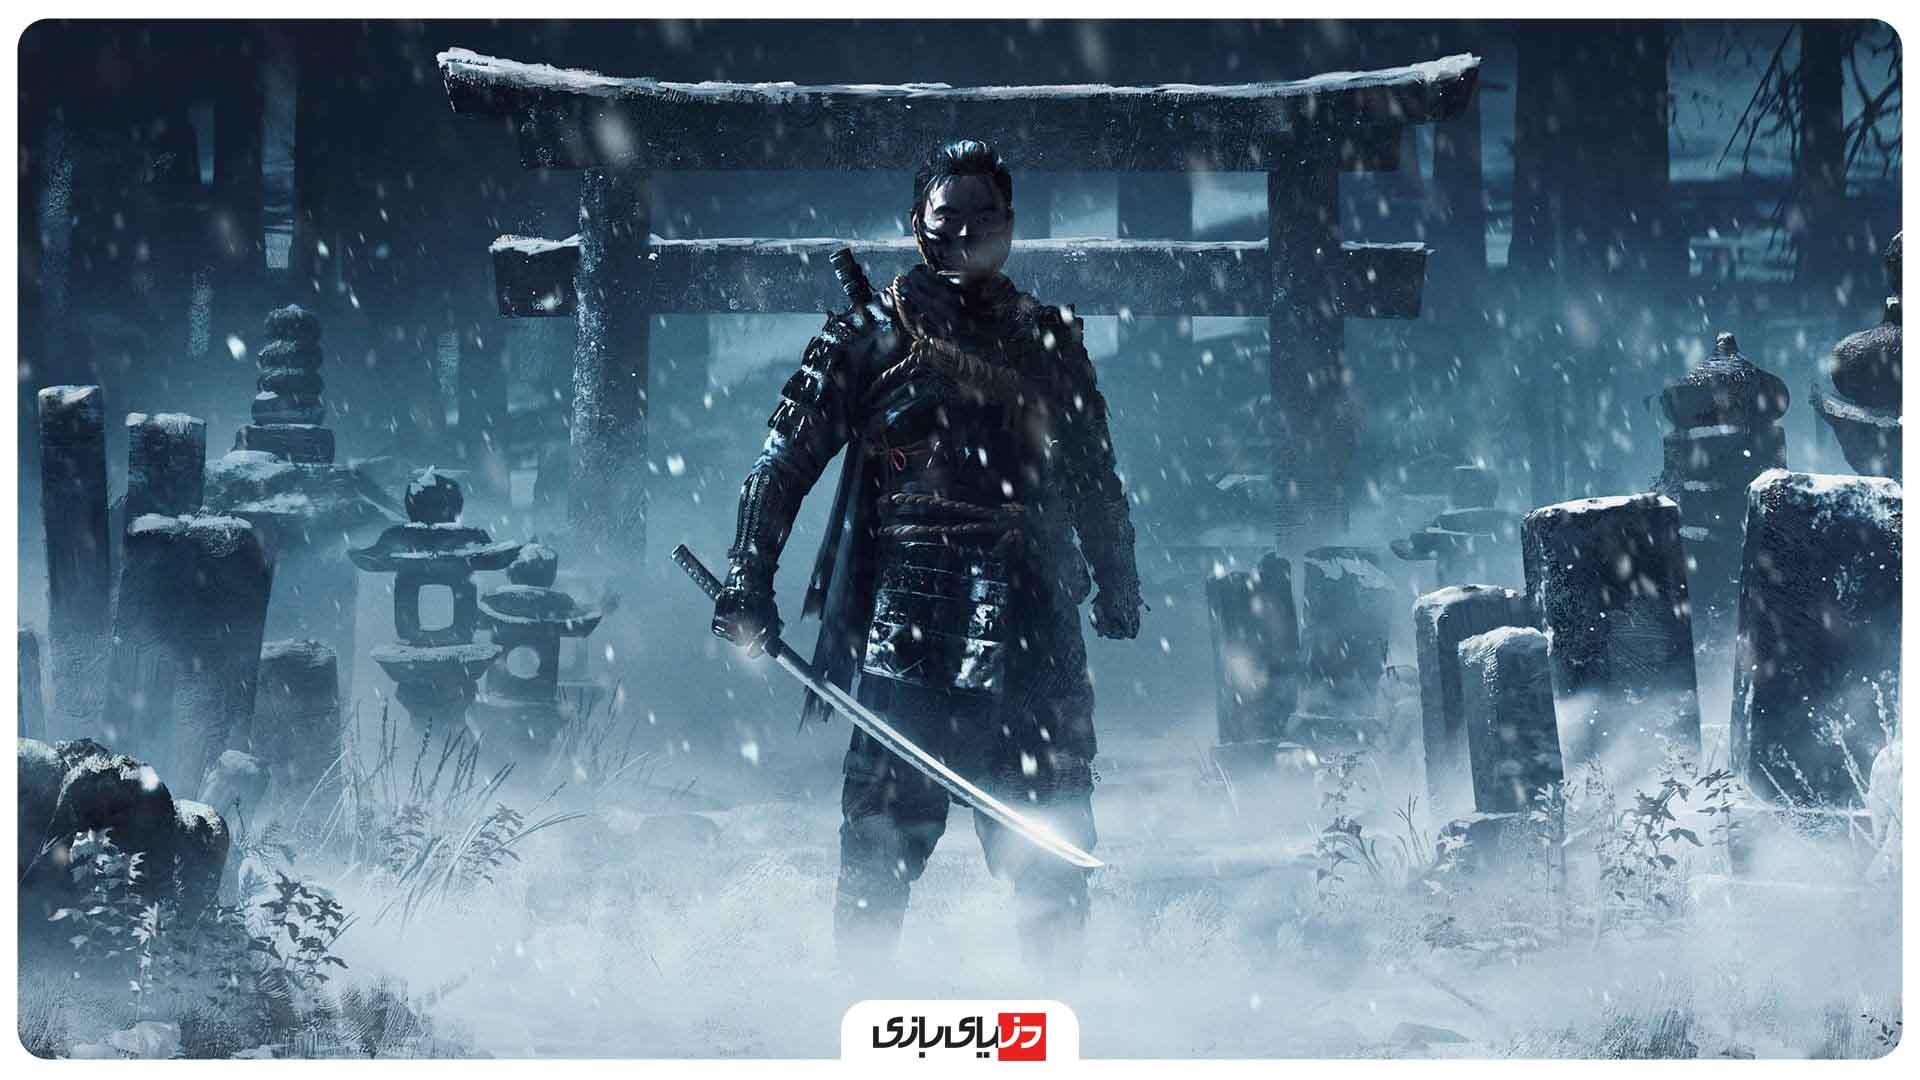 ده برتر -بهترین بازیها از نظر IGN – بازی Ghost of Tsushima